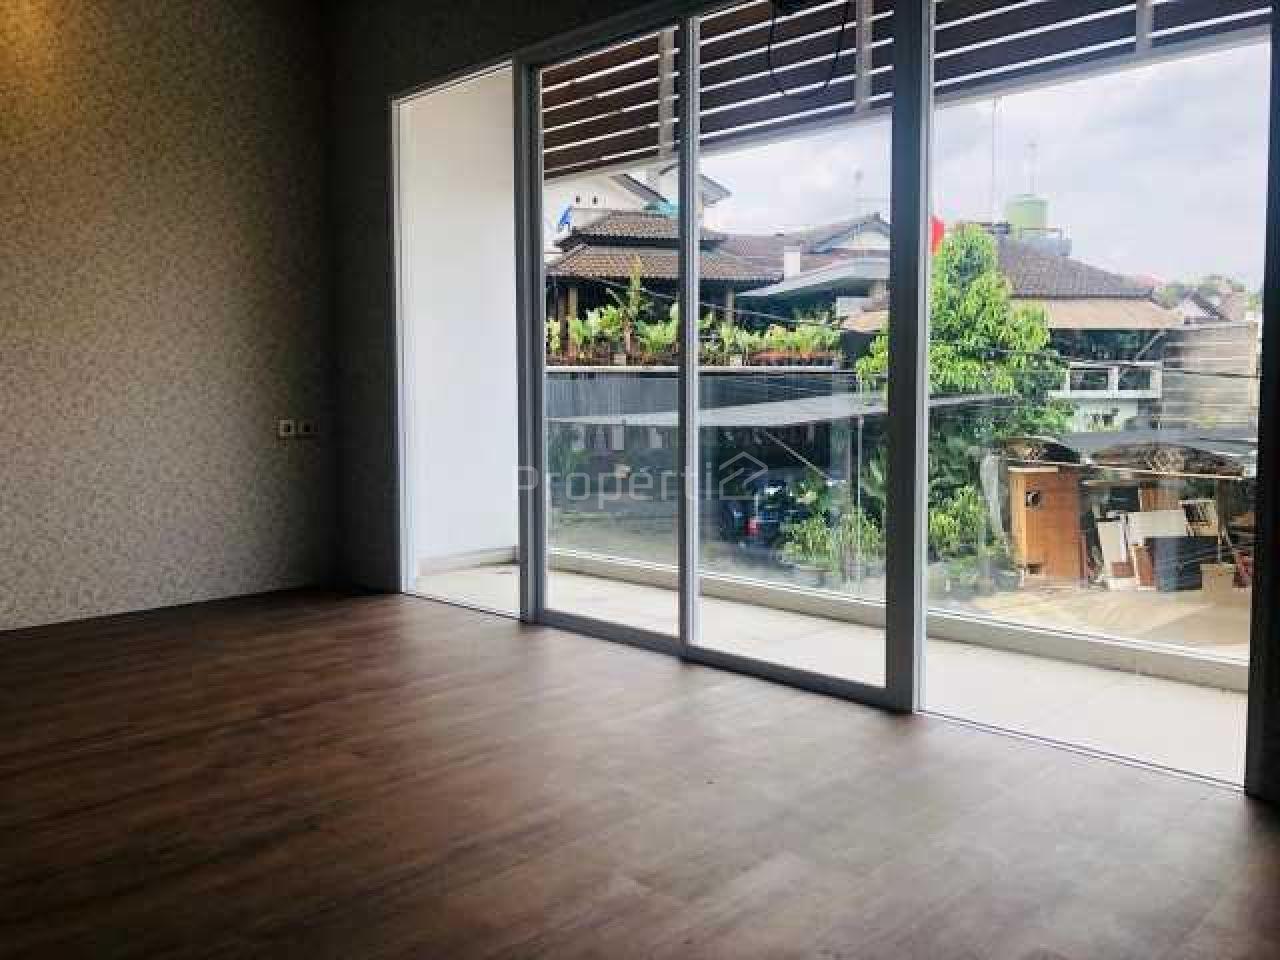 Rumah di Kawasan Elite dan Strategis di Sekitar Setra Murni, Sukasari